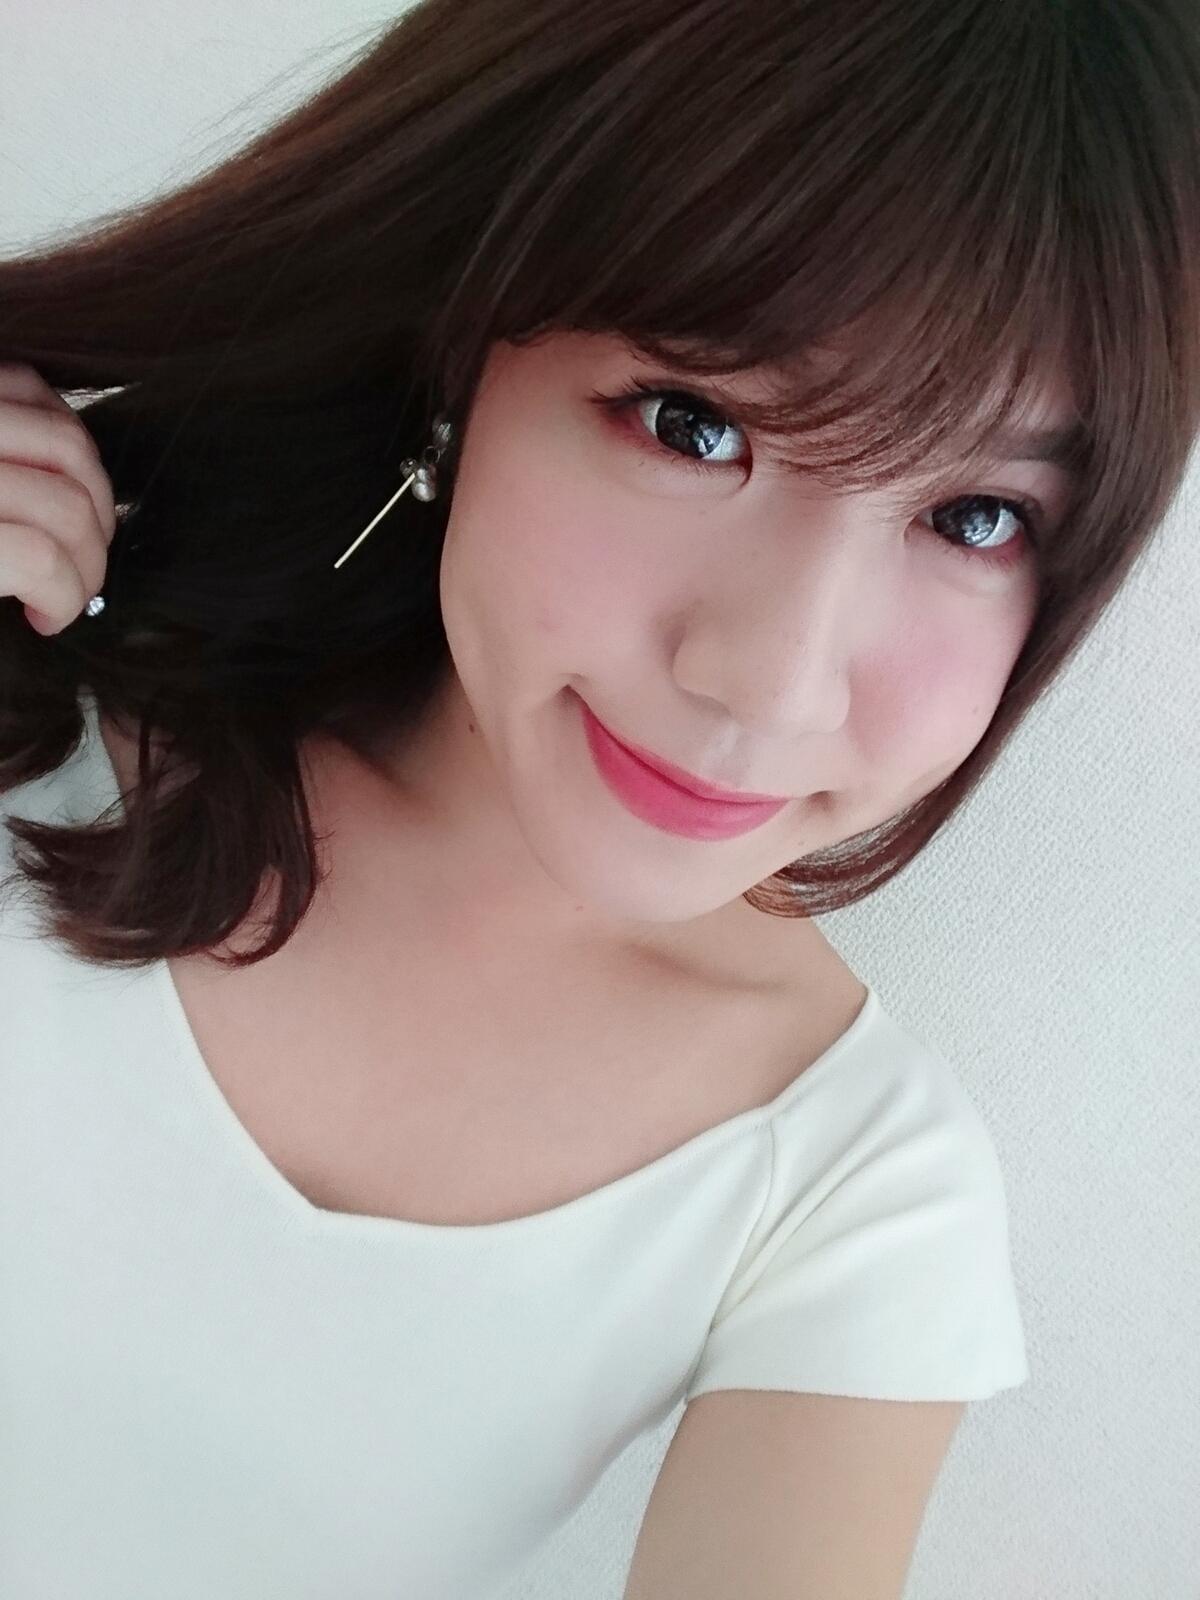 愛川ななみ「新宿→上野?ななみ」09/14(土) 20:01 | 愛川ななみの写メ・風俗動画